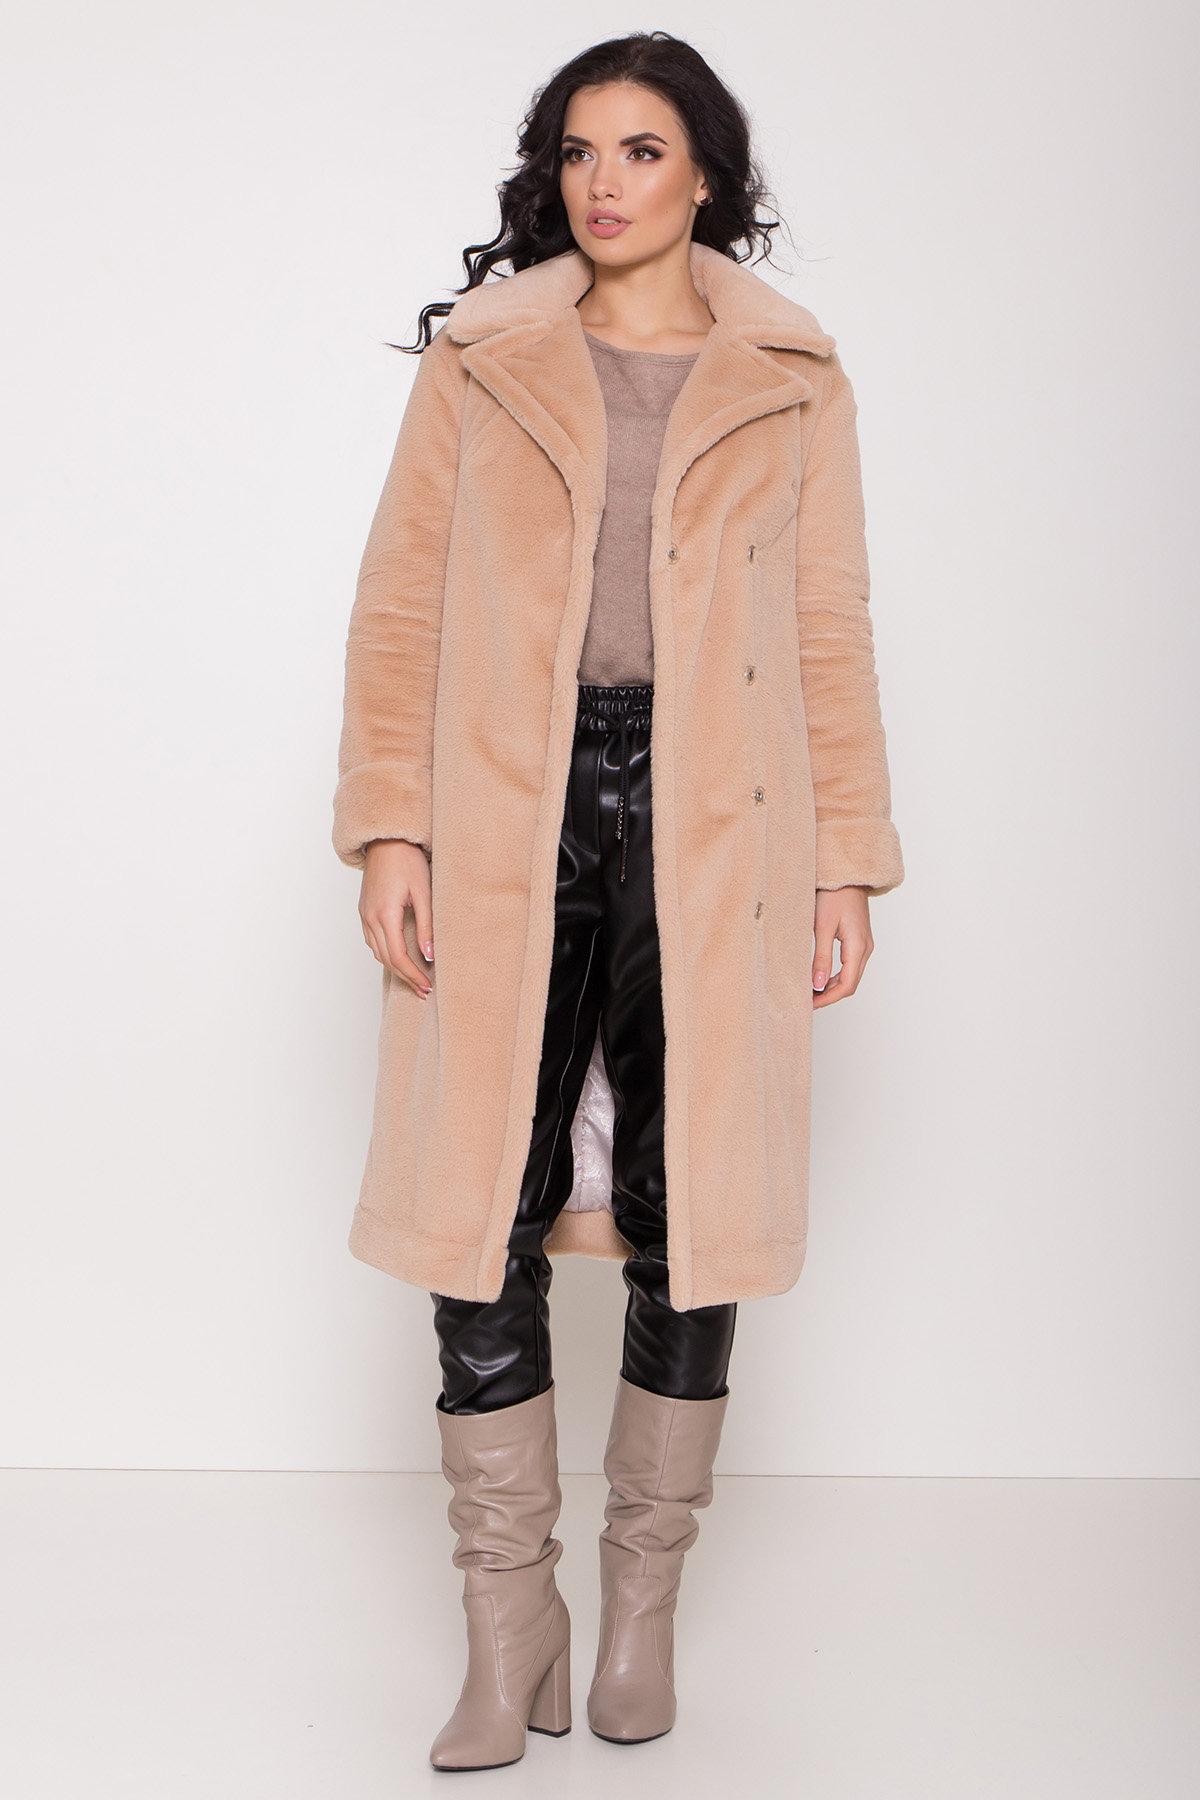 Зимнее пальто из искусственного меха норки Саманта 8641 АРТ. 44956 Цвет: Бежевый - фото 2, интернет магазин tm-modus.ru